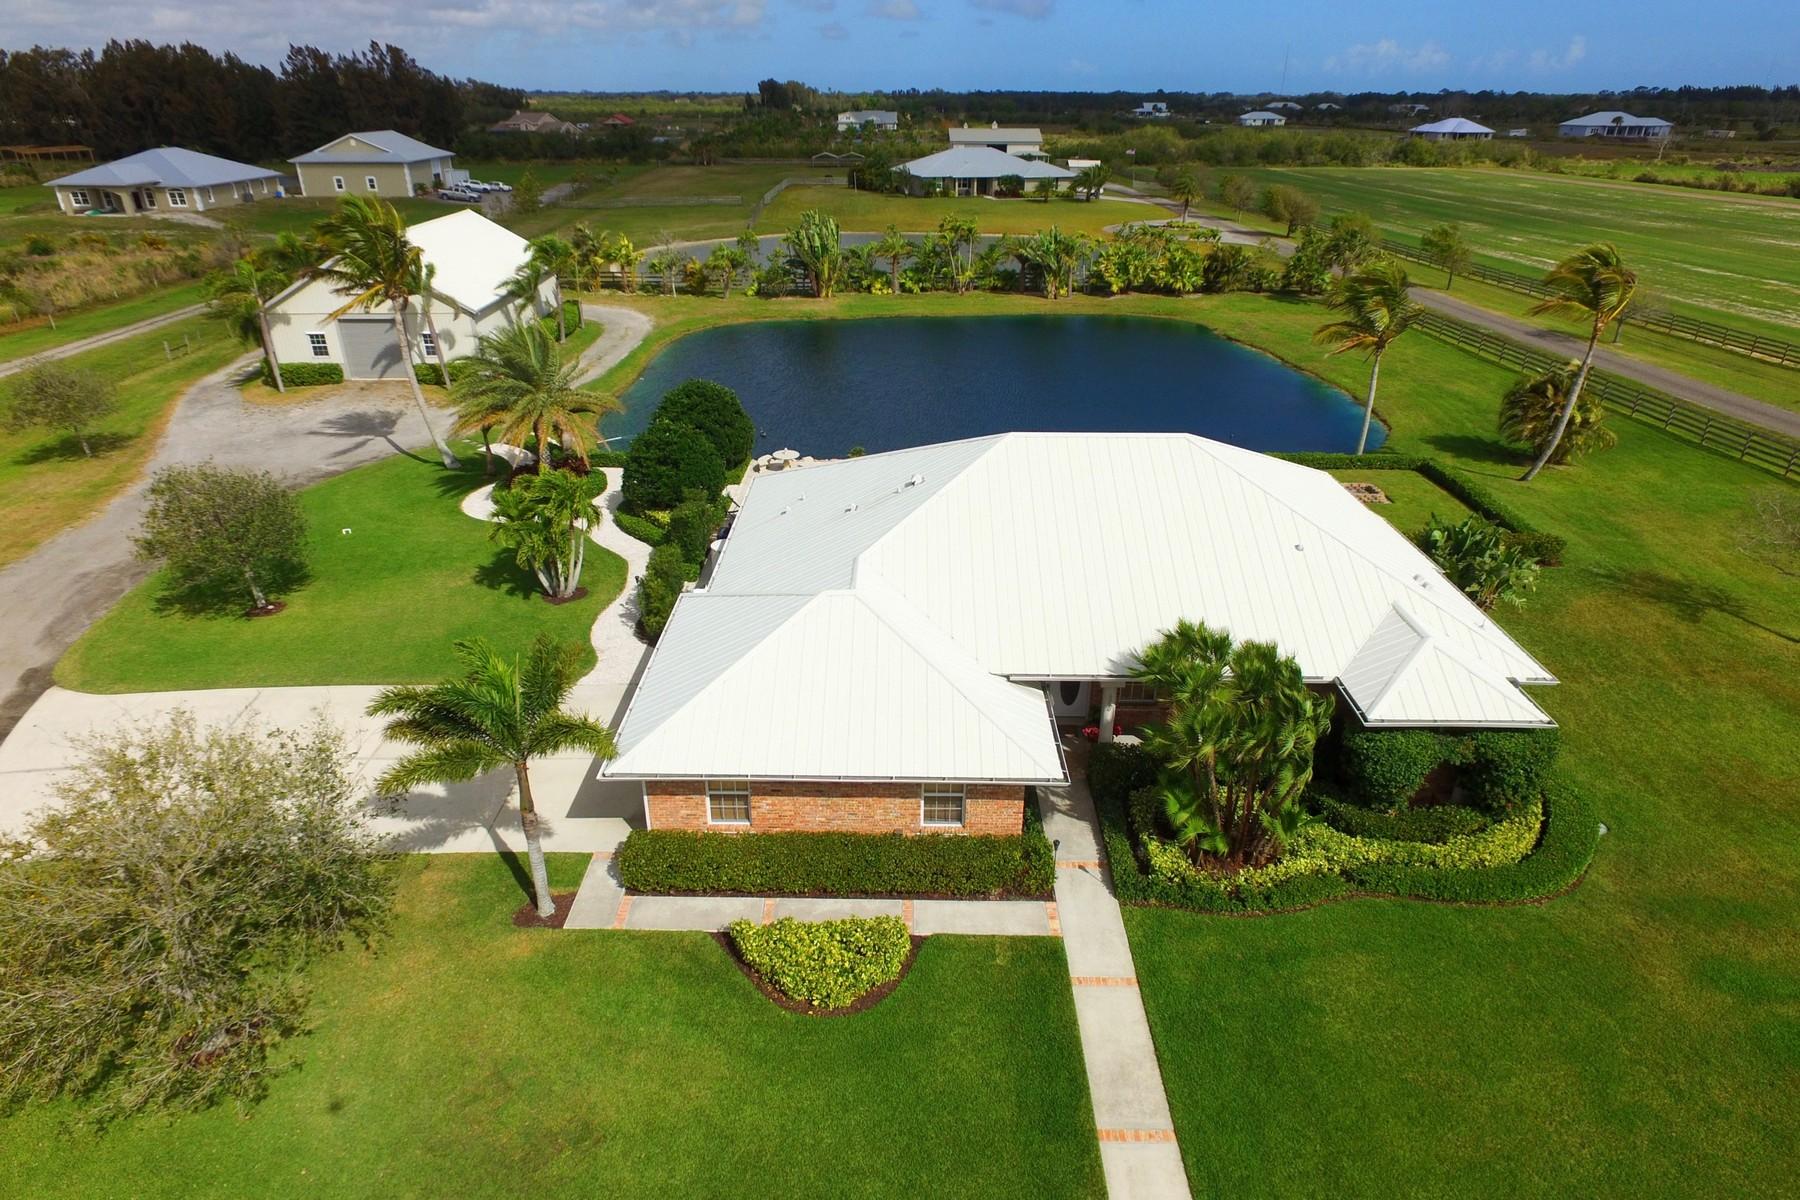 Частный односемейный дом для того Продажа на FIVE ACRE PARADISE with BARN 6990 61st Street, Vero Beach, Флорида, 32967 Соединенные Штаты